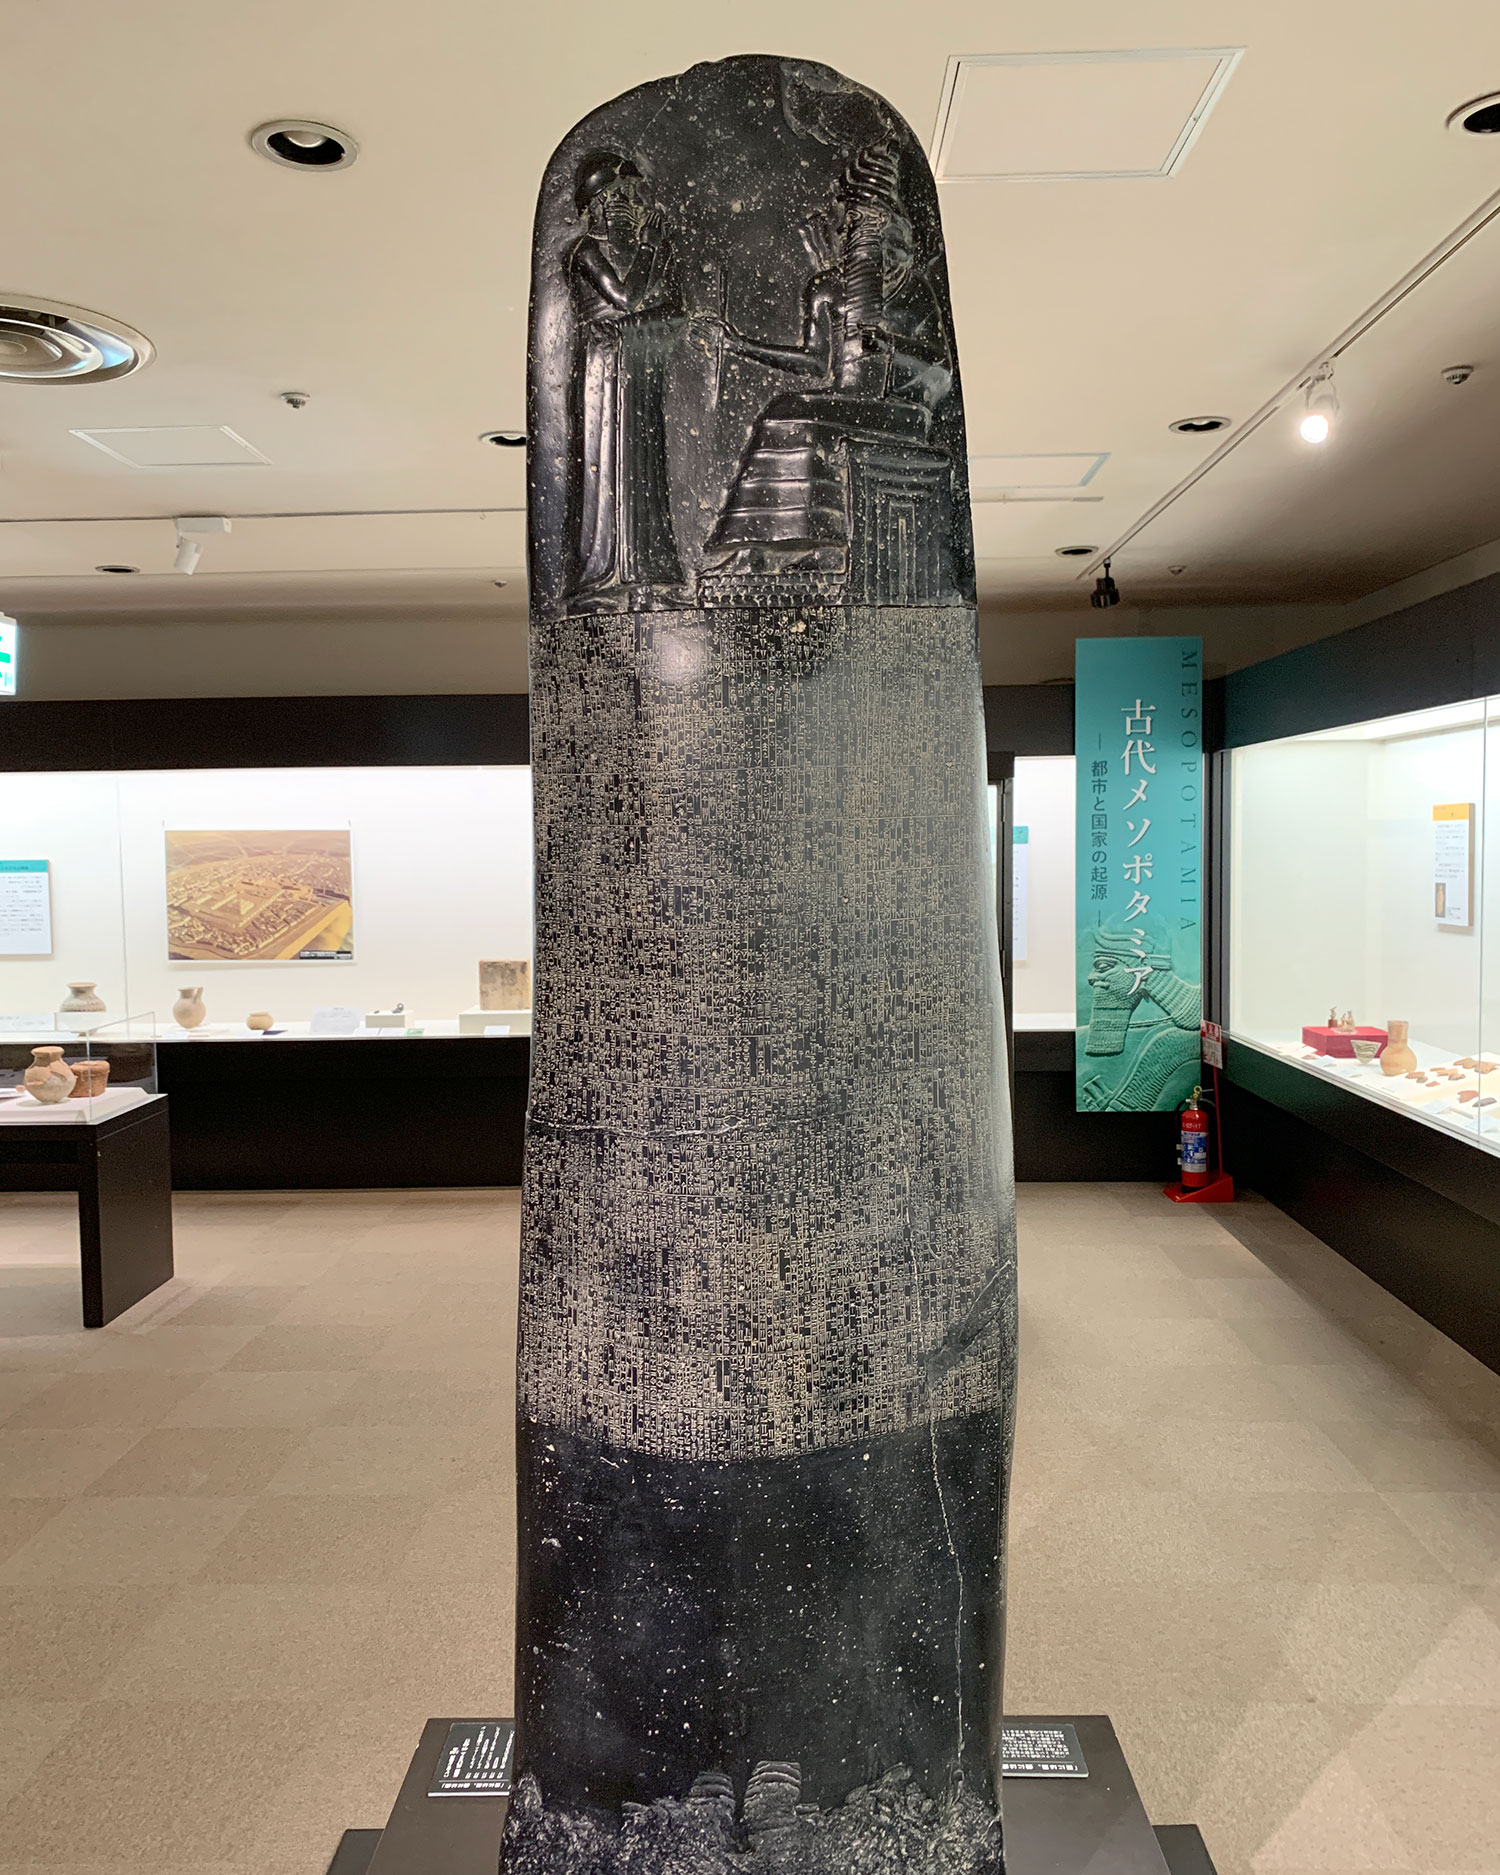 古代オリエント博物館 展示品 ハンムラビ法典碑 実物大レプリカ